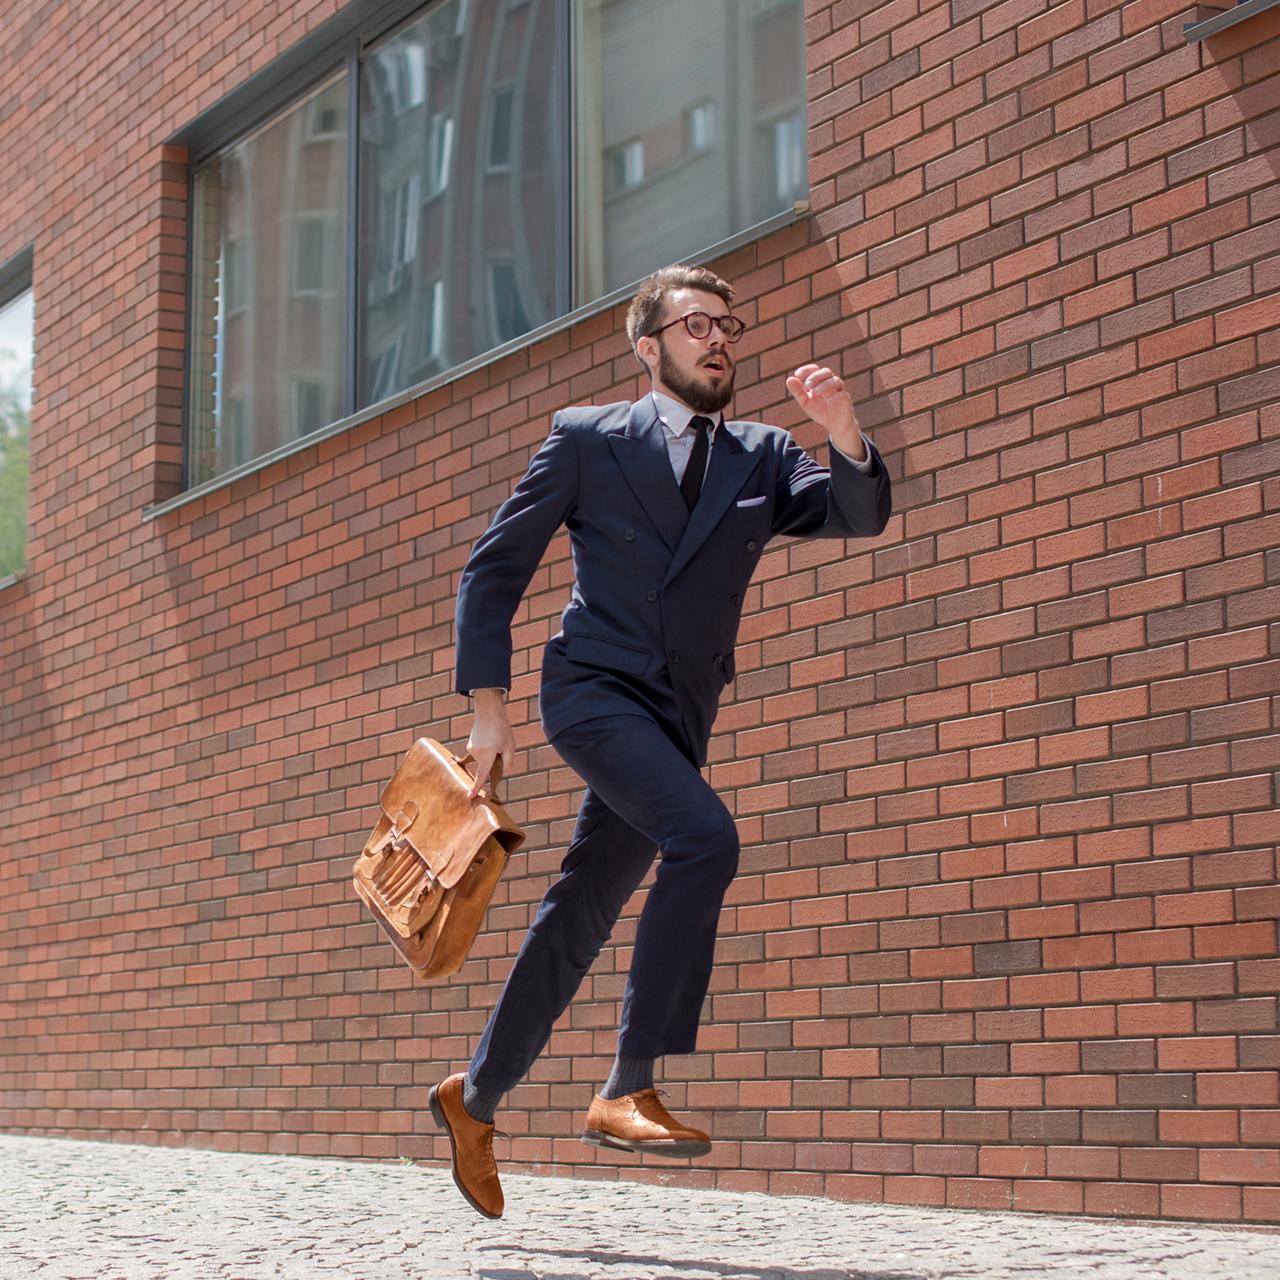 Arrivare in ritardo al lavoro: giustificazioni, scuse e contestazioni